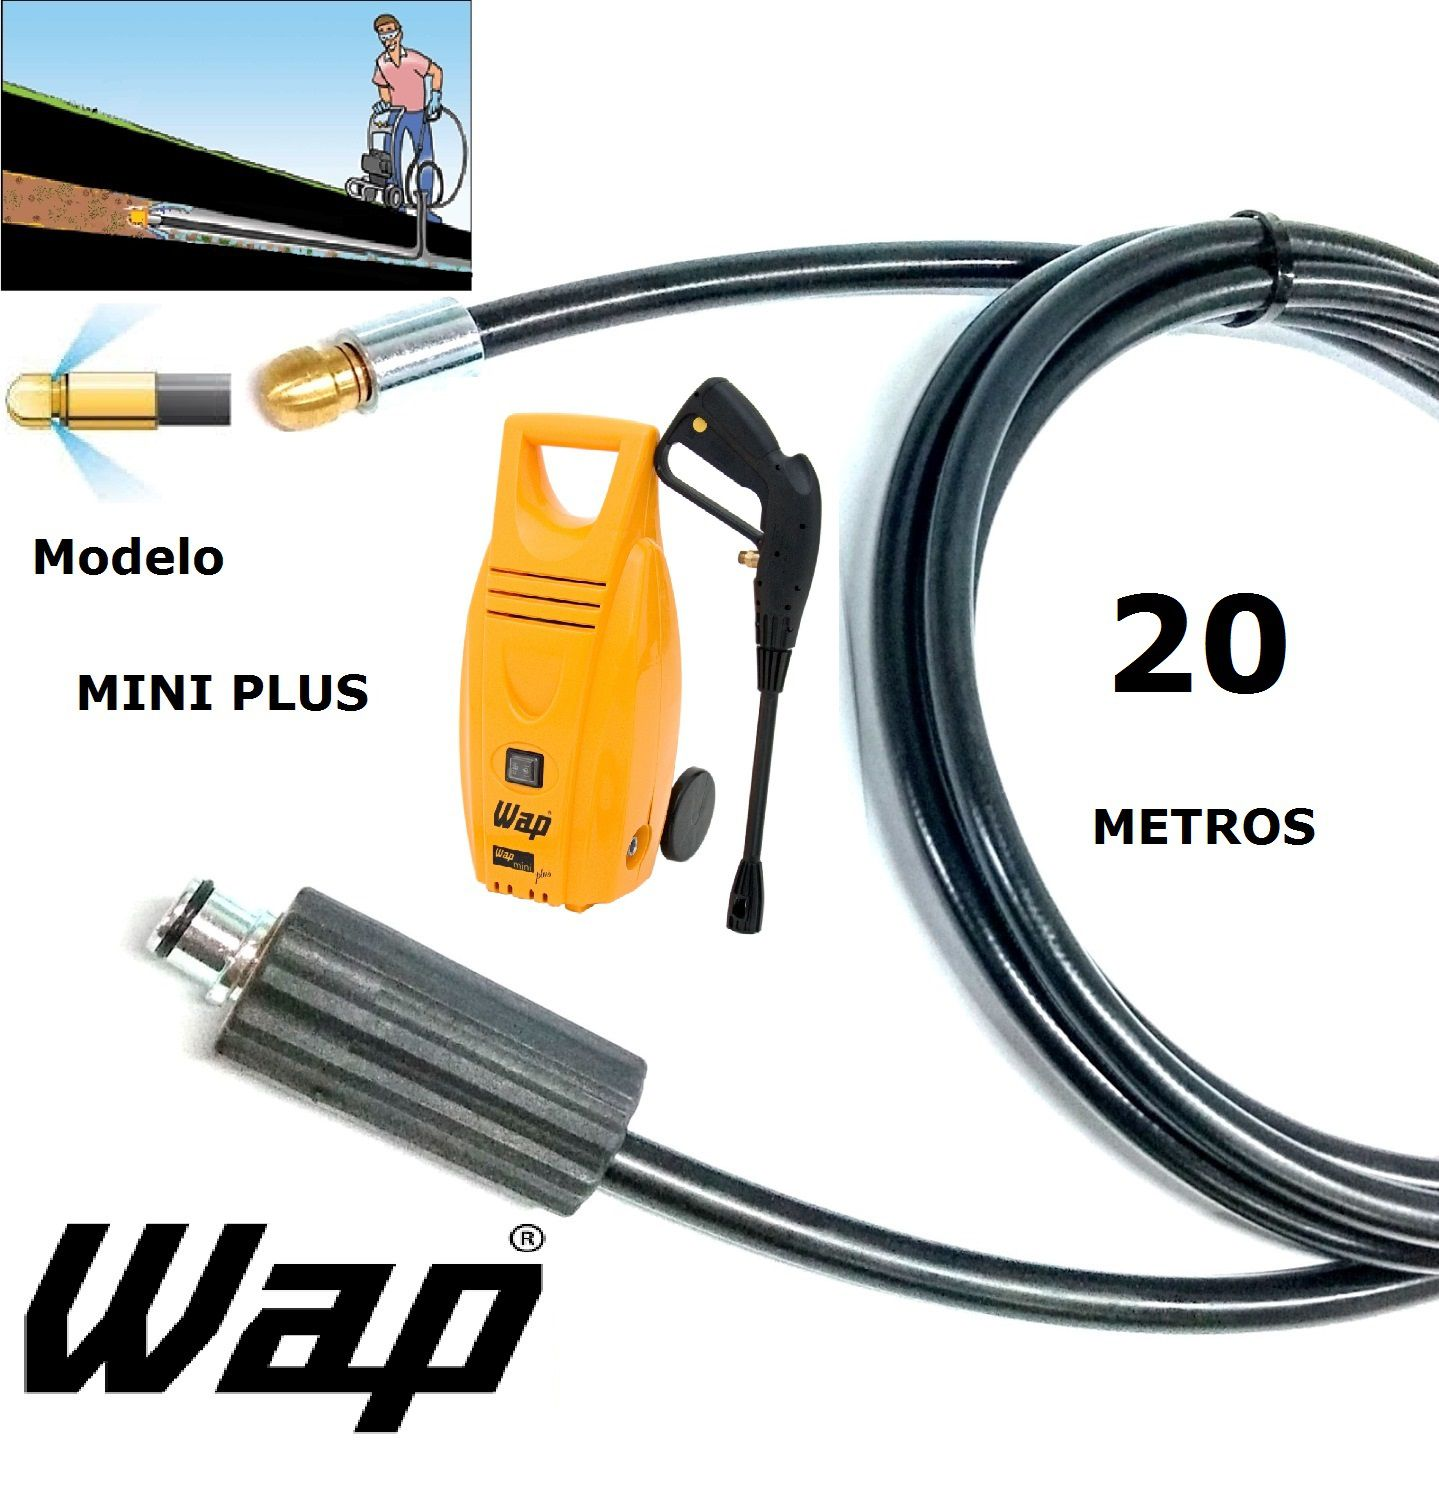 Mangueira desentupidora de tubulação WAP - 20 Metros - Wap MINI PLUS